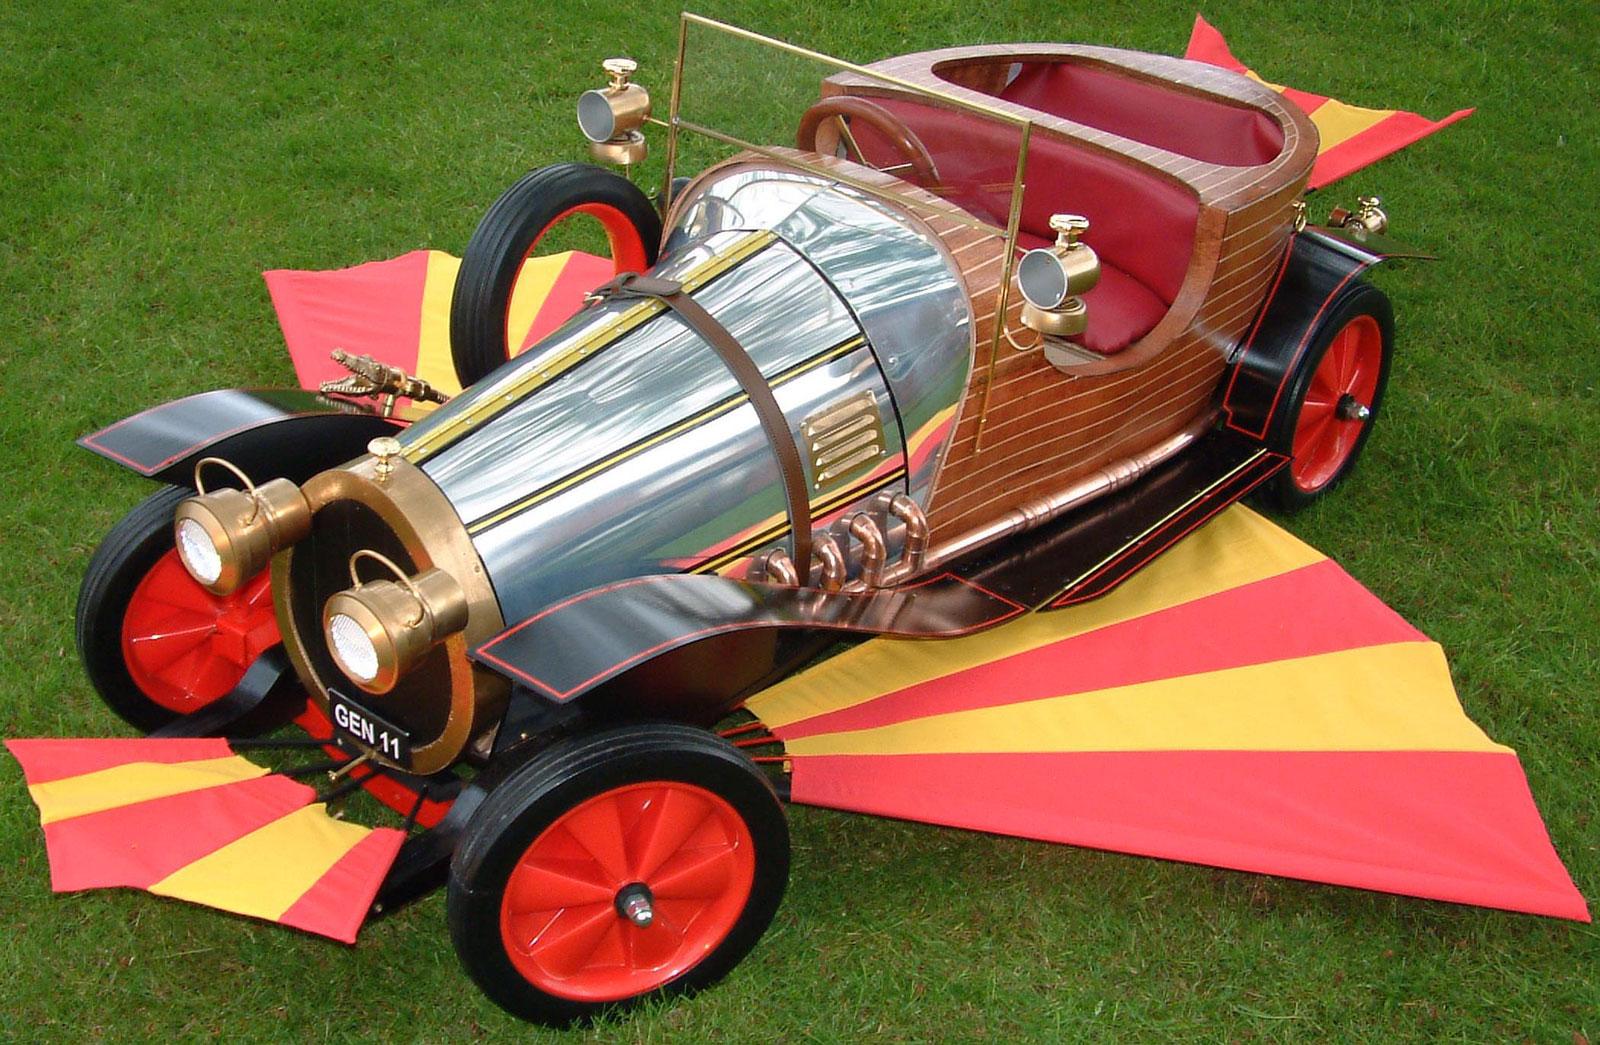 Original Chitty Chitty Bang Bang Car